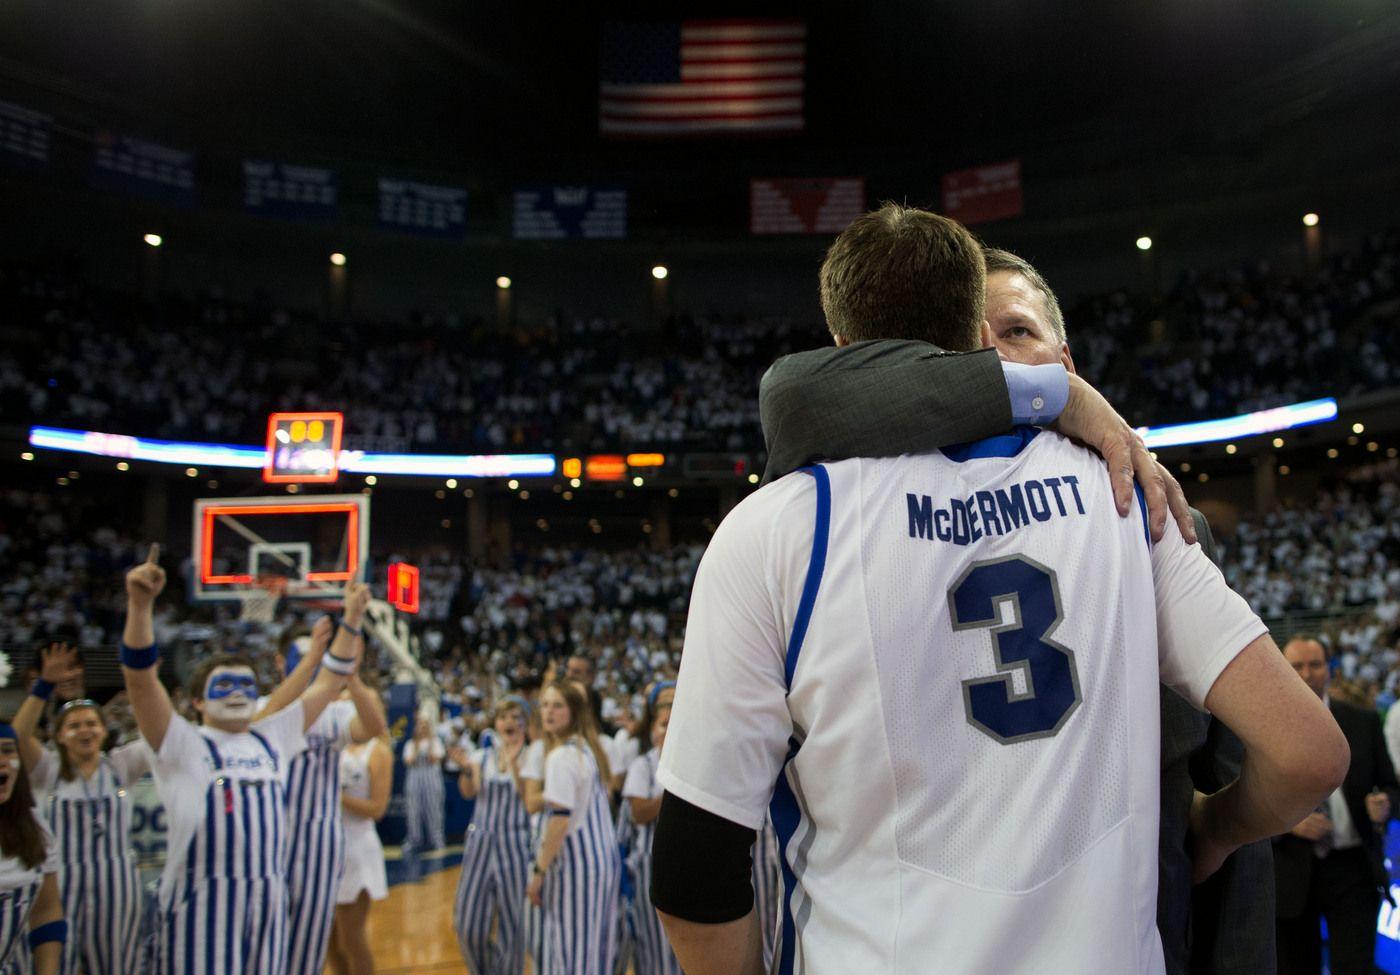 CU head coach Greg McDermott embraces his son, Doug